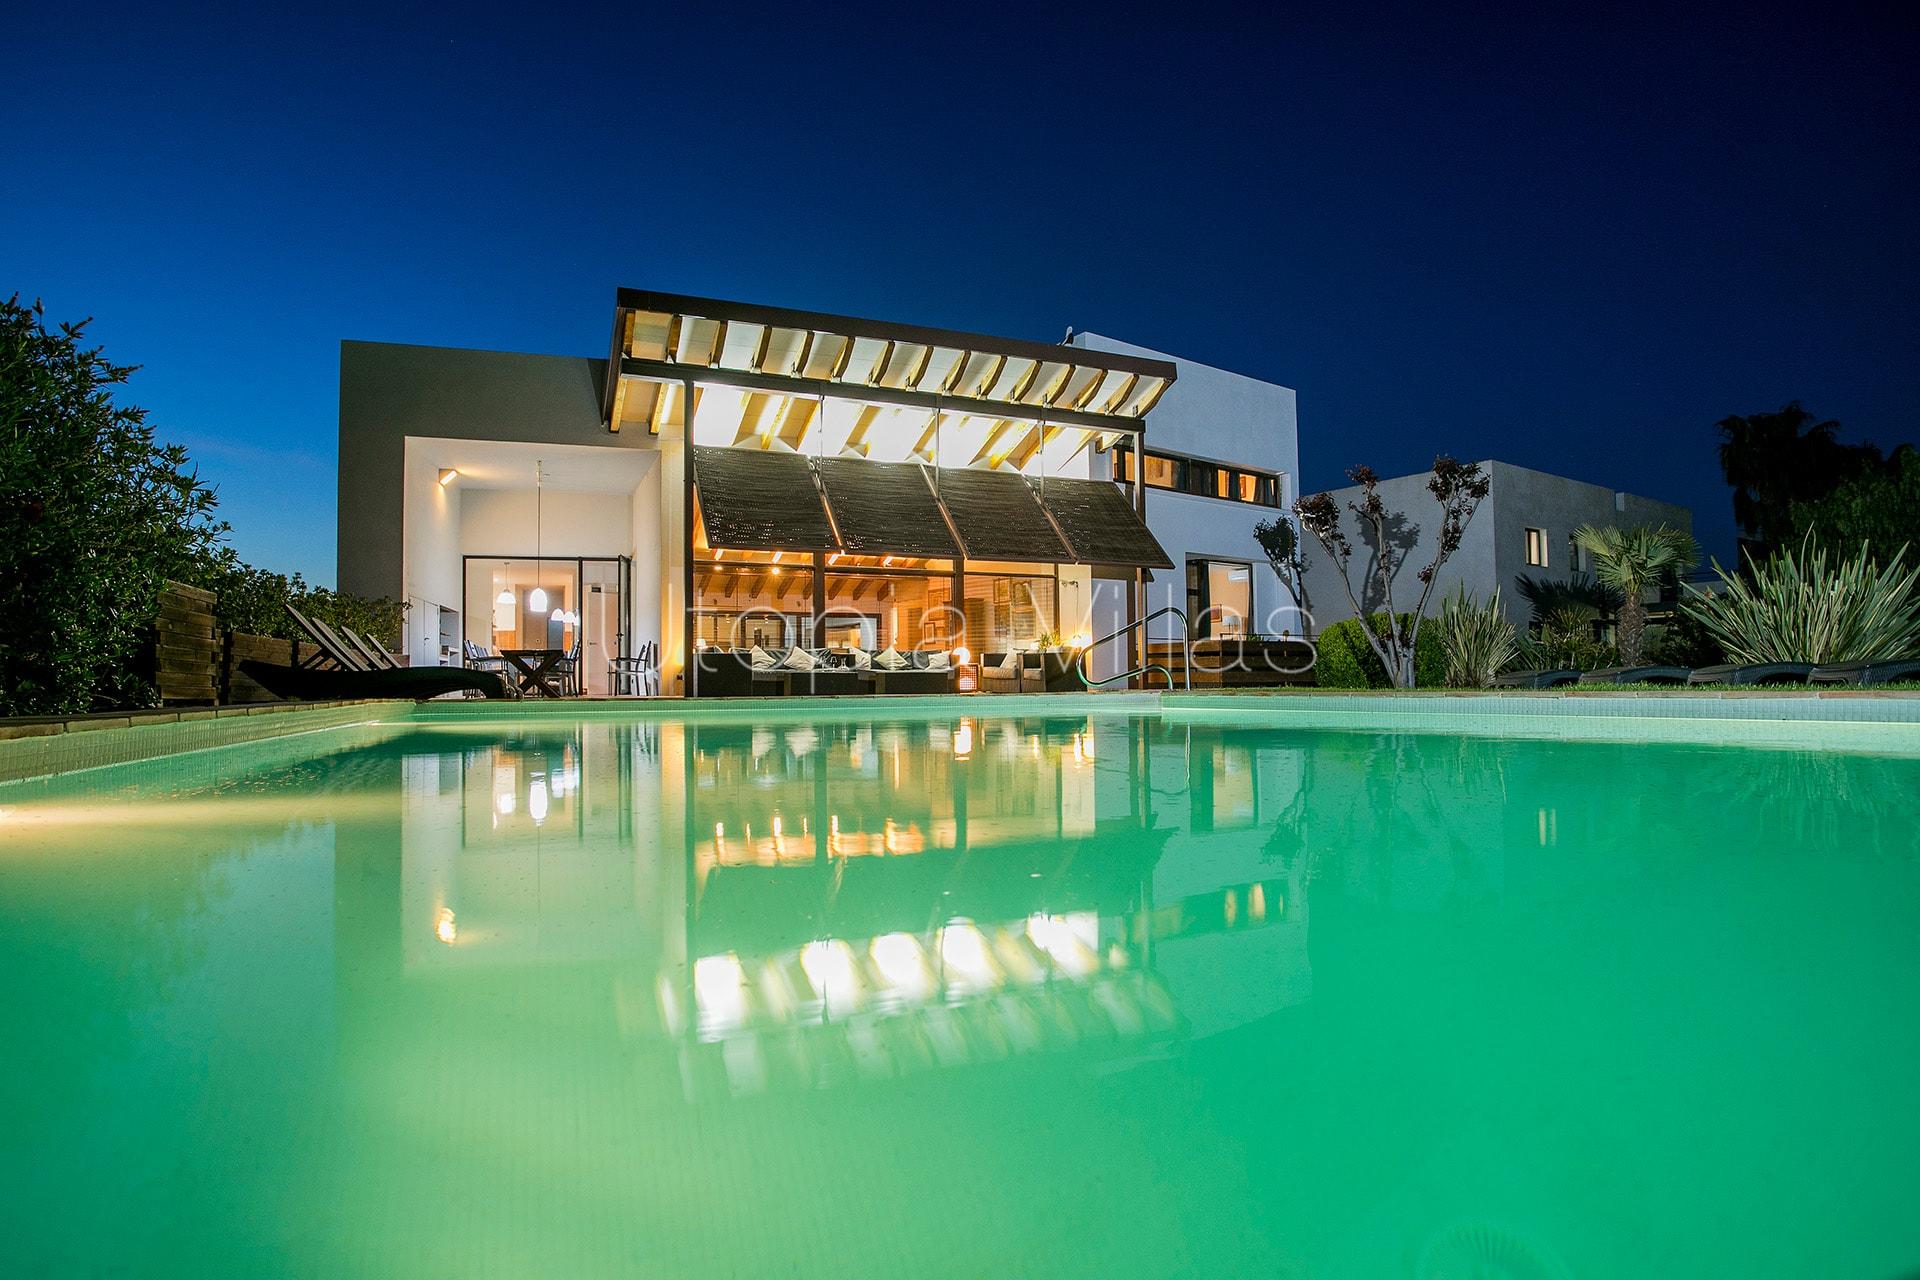 Porqué reservar una villa es mejor que un hotel! - Utopia Villas